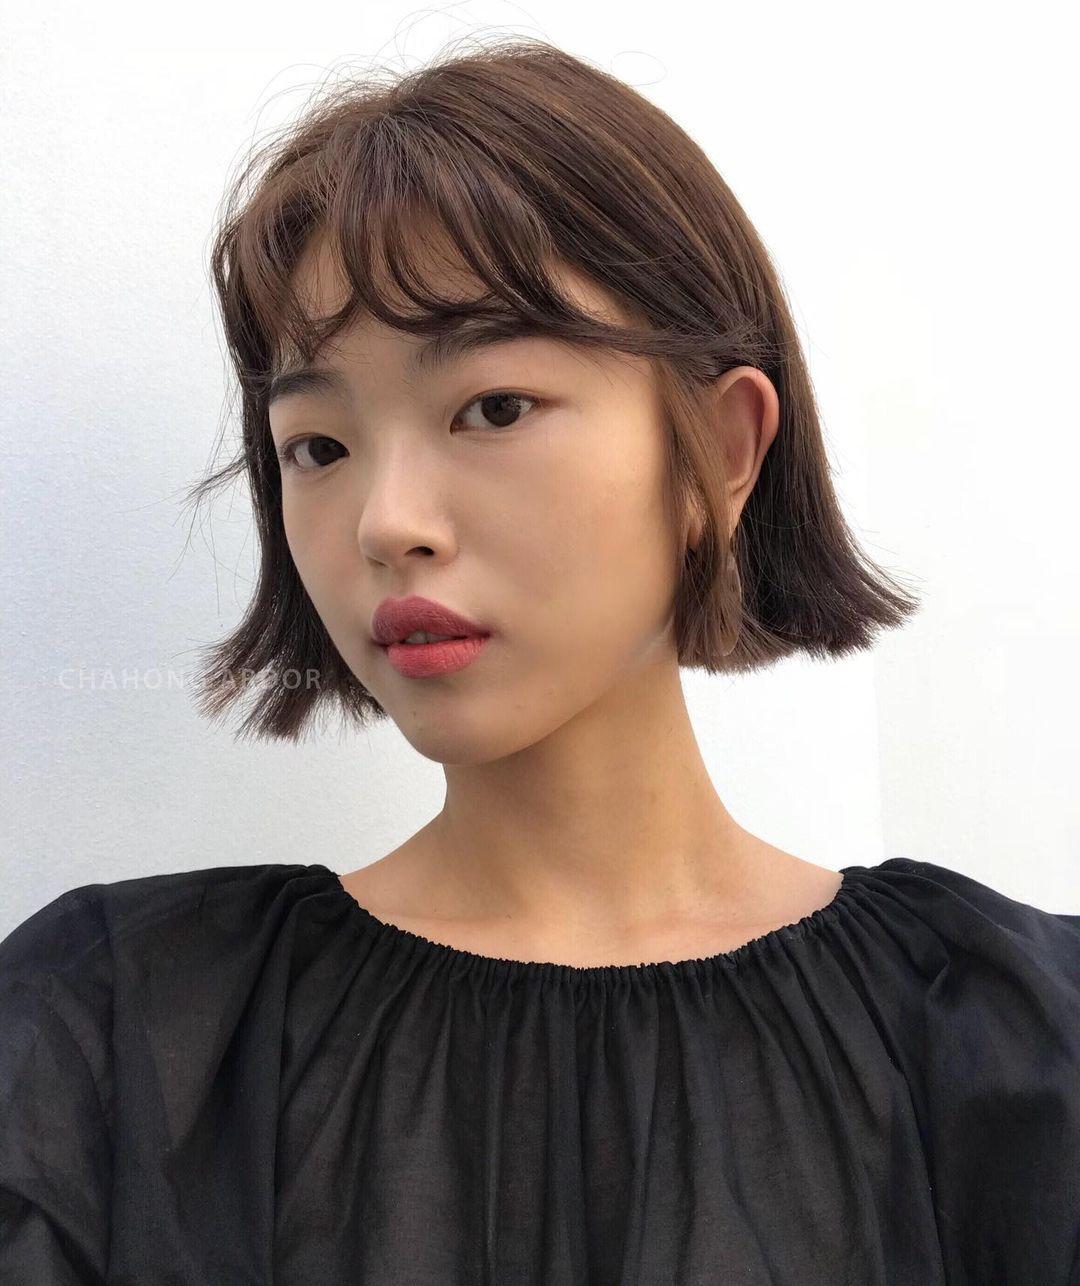 """Những cô nàng tóc ngắn cũng có thể """"quẩy"""" được vài kiểu tóc uốn, trong đó thì lựa chọn đang rất thịnh hành chính là tóc uốn vểnh. Phần đuôi tóc được uốn chìa ra ngoài này chính là thứ sẽ giúp gương mặt của chị em thêm nổi bật, cá tính hơn"""